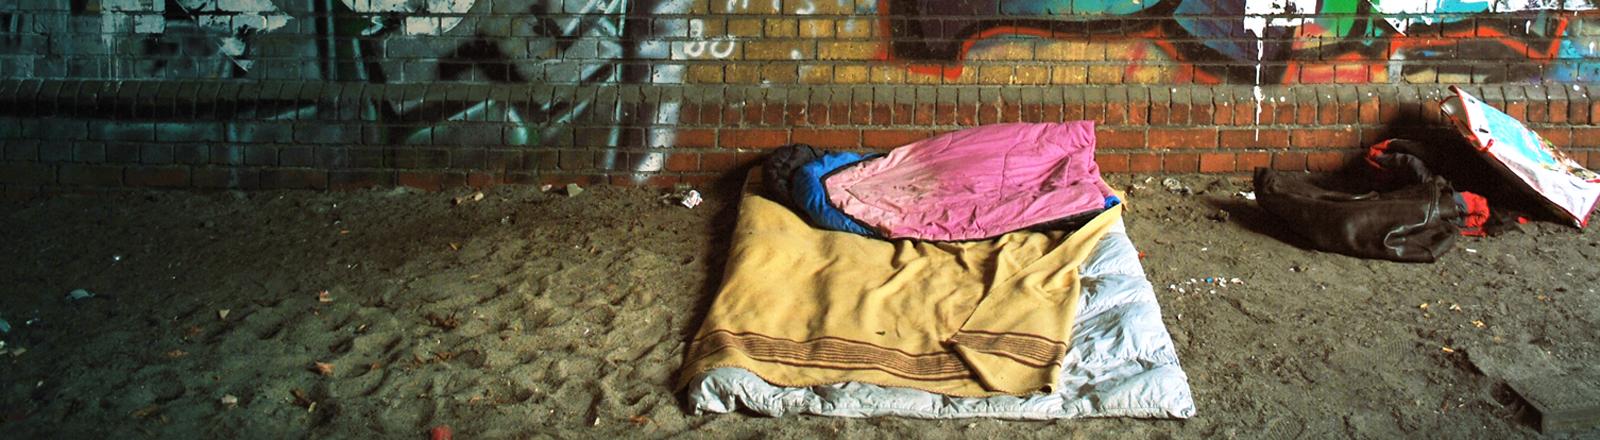 Schlafplatz unter einer Brücke.